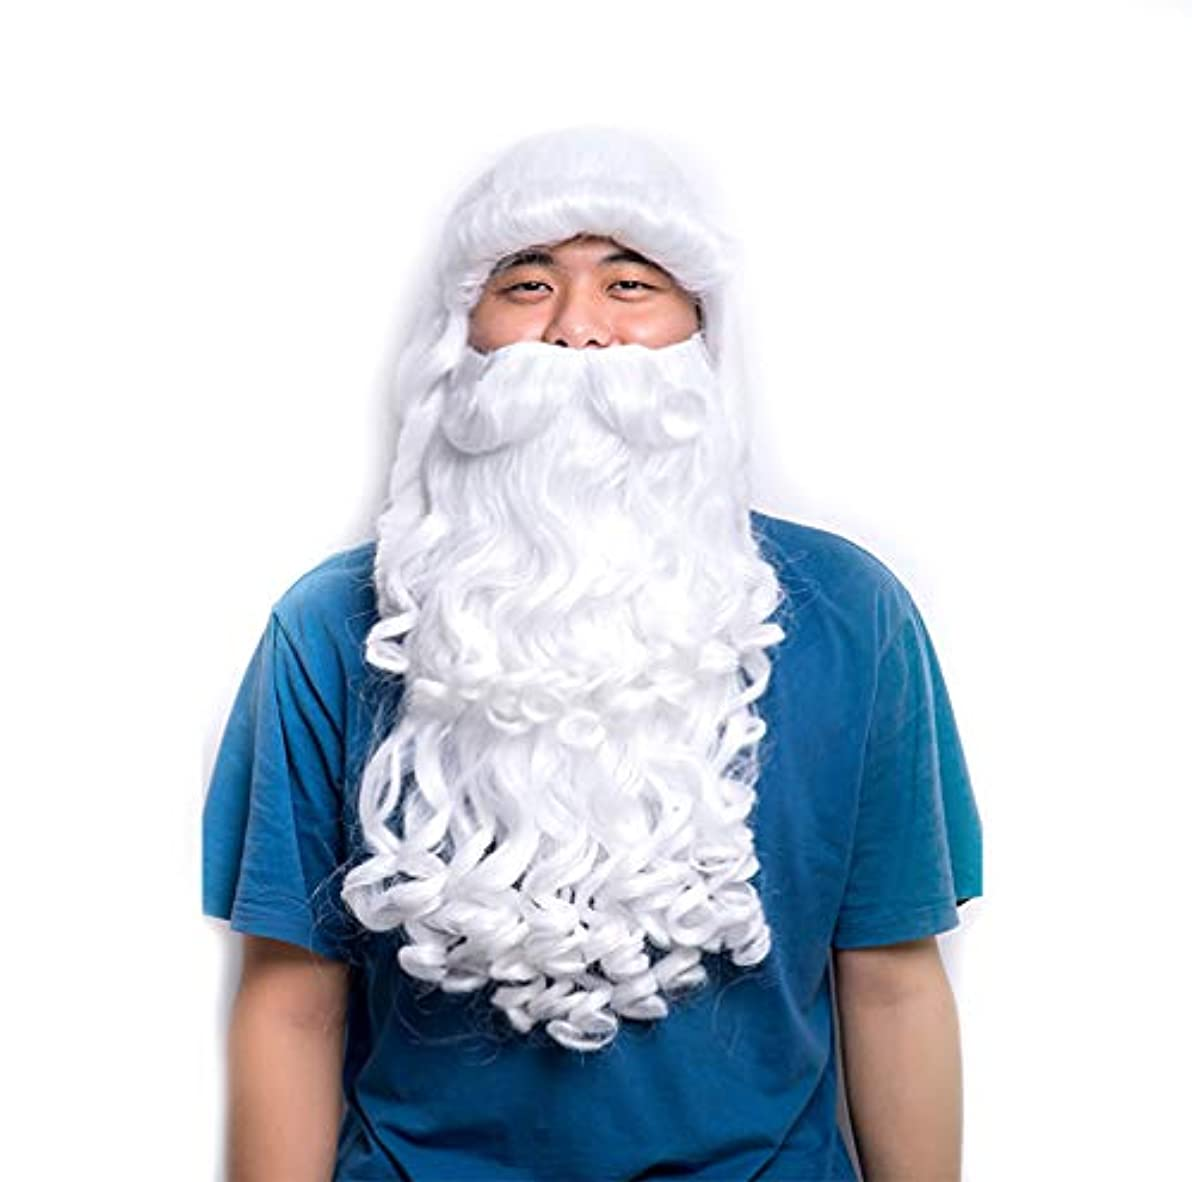 ラジウムクリープ嫌い男性ウィッグ女性ウィッグクリスマスウィッグロング合成オンブルカーリー波状クリスマスハロウィンアニメコスプレパーティーコスチュームウィッグ